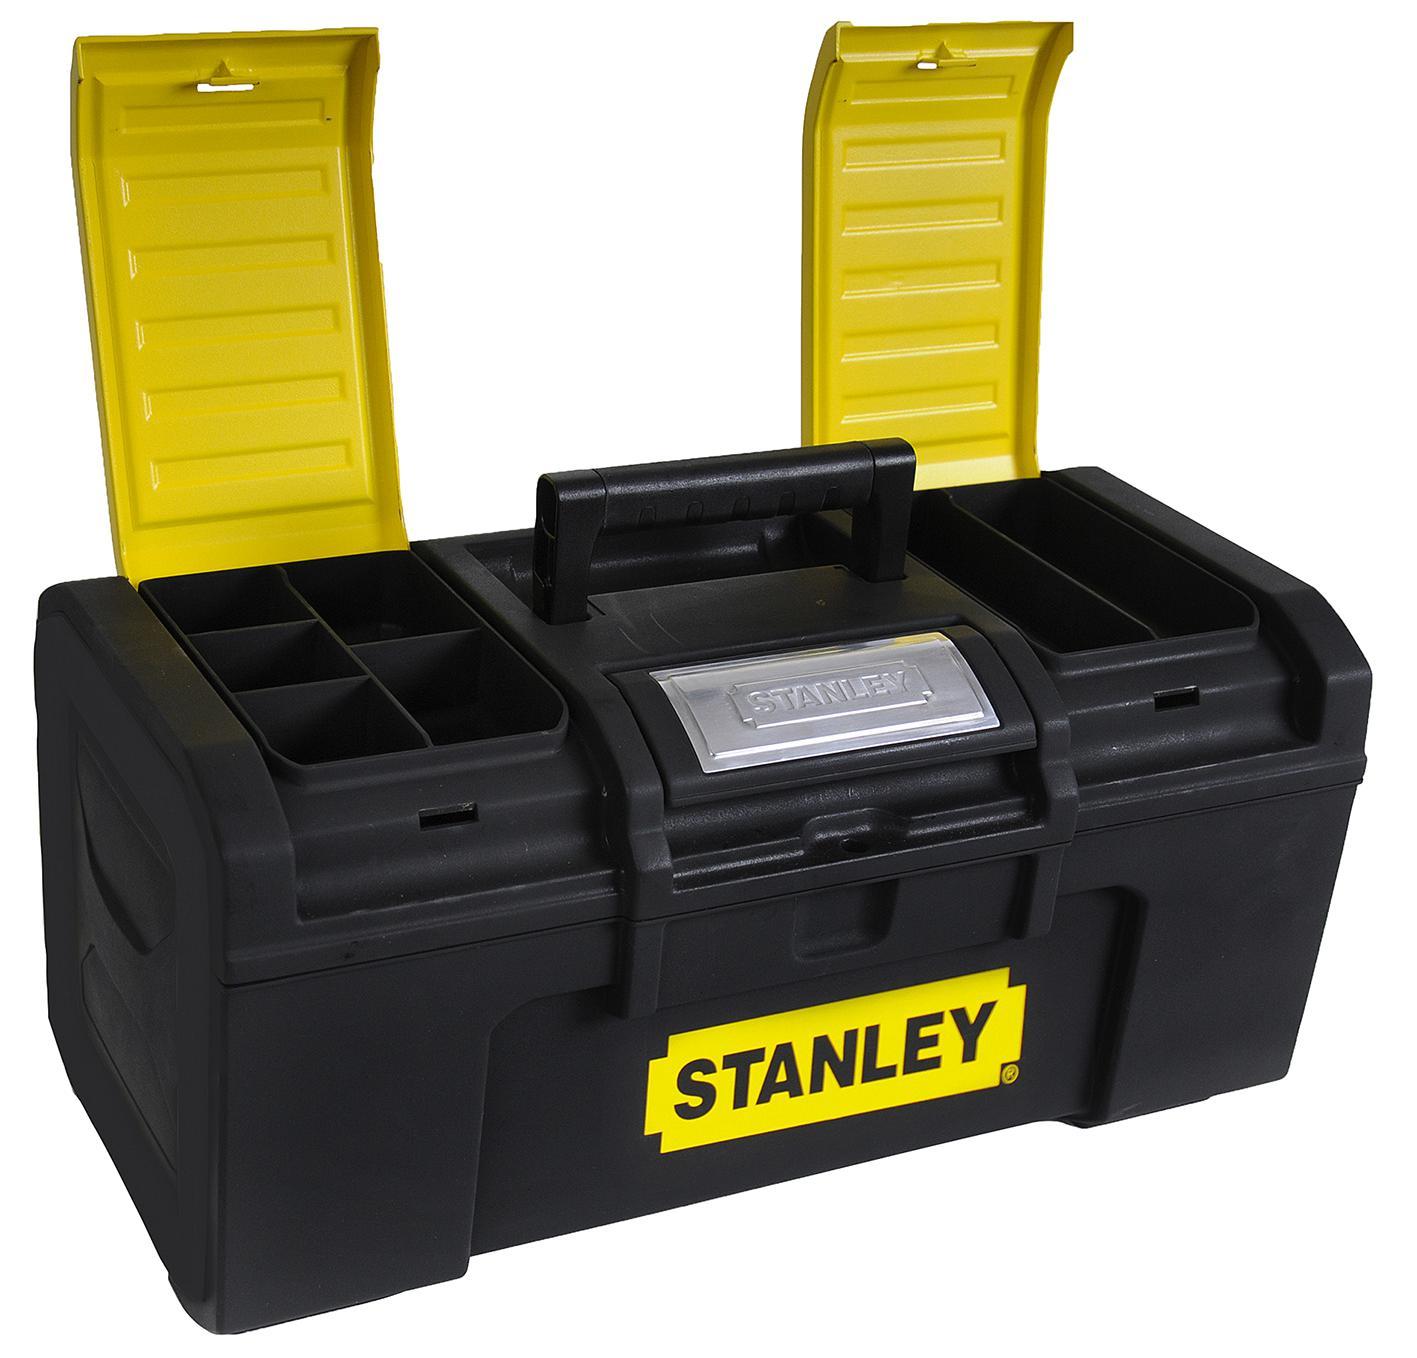 Image of   Værktøjskasse plast Stanley 19 1-79-217